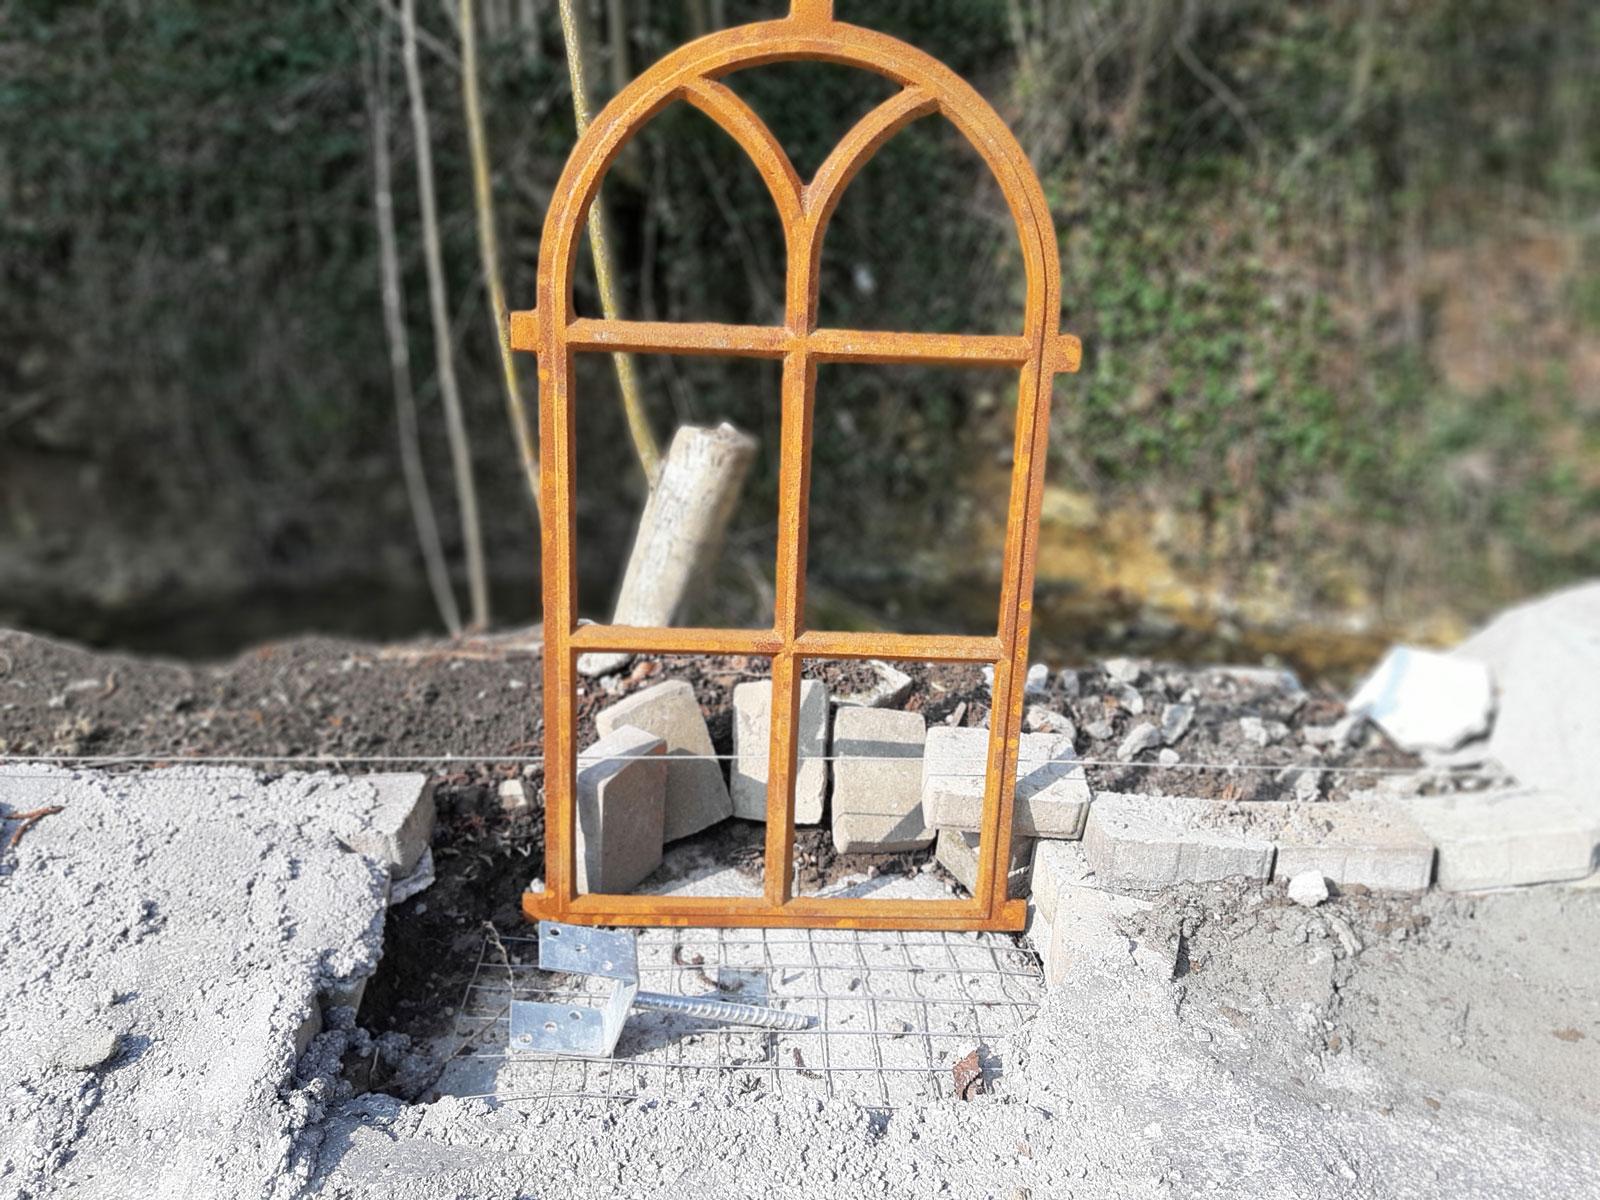 Herzlichen Dank lieber Richi, für das tolle Foto unseres Eisenfenster welches Du in unserem Ebay Shop erworben hast. Wir wünschen Dir viel Freude damit und sind schon sehr gespannt wie sich das Bauprojekt entwickelt.❤️